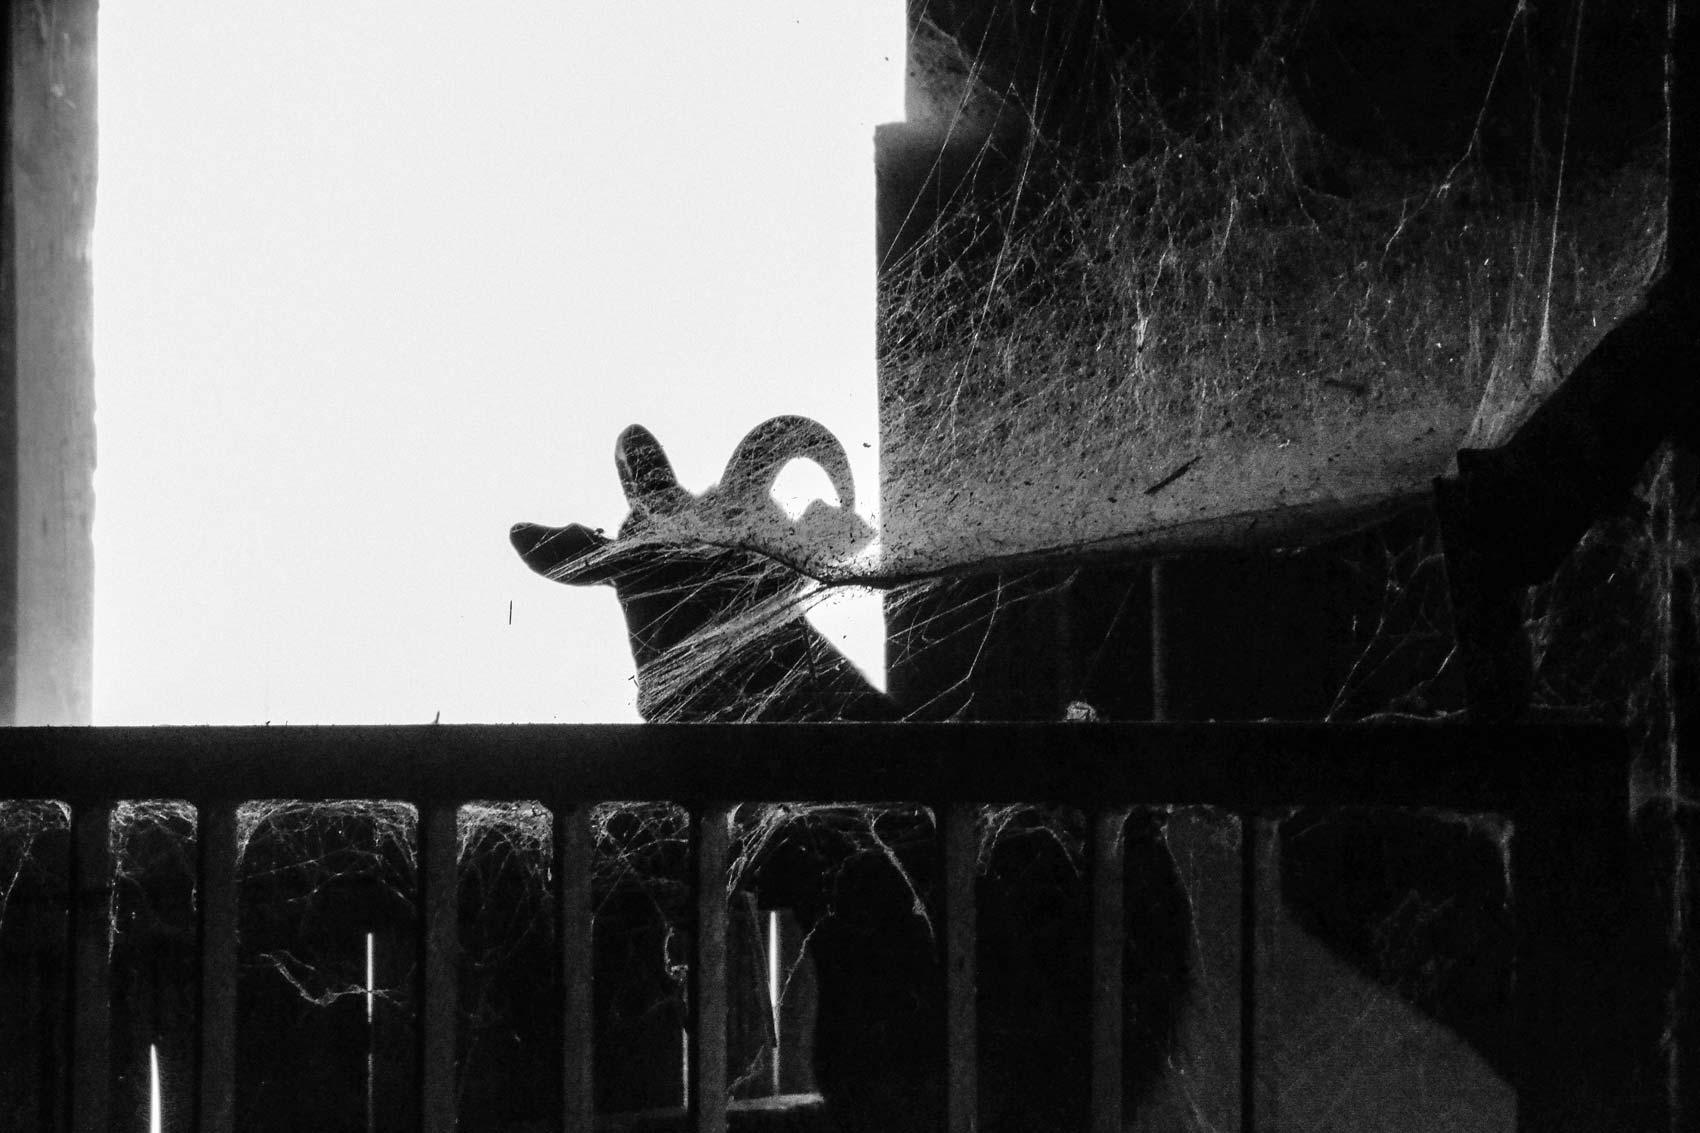 Fotografie Tiere | Julia Friedl